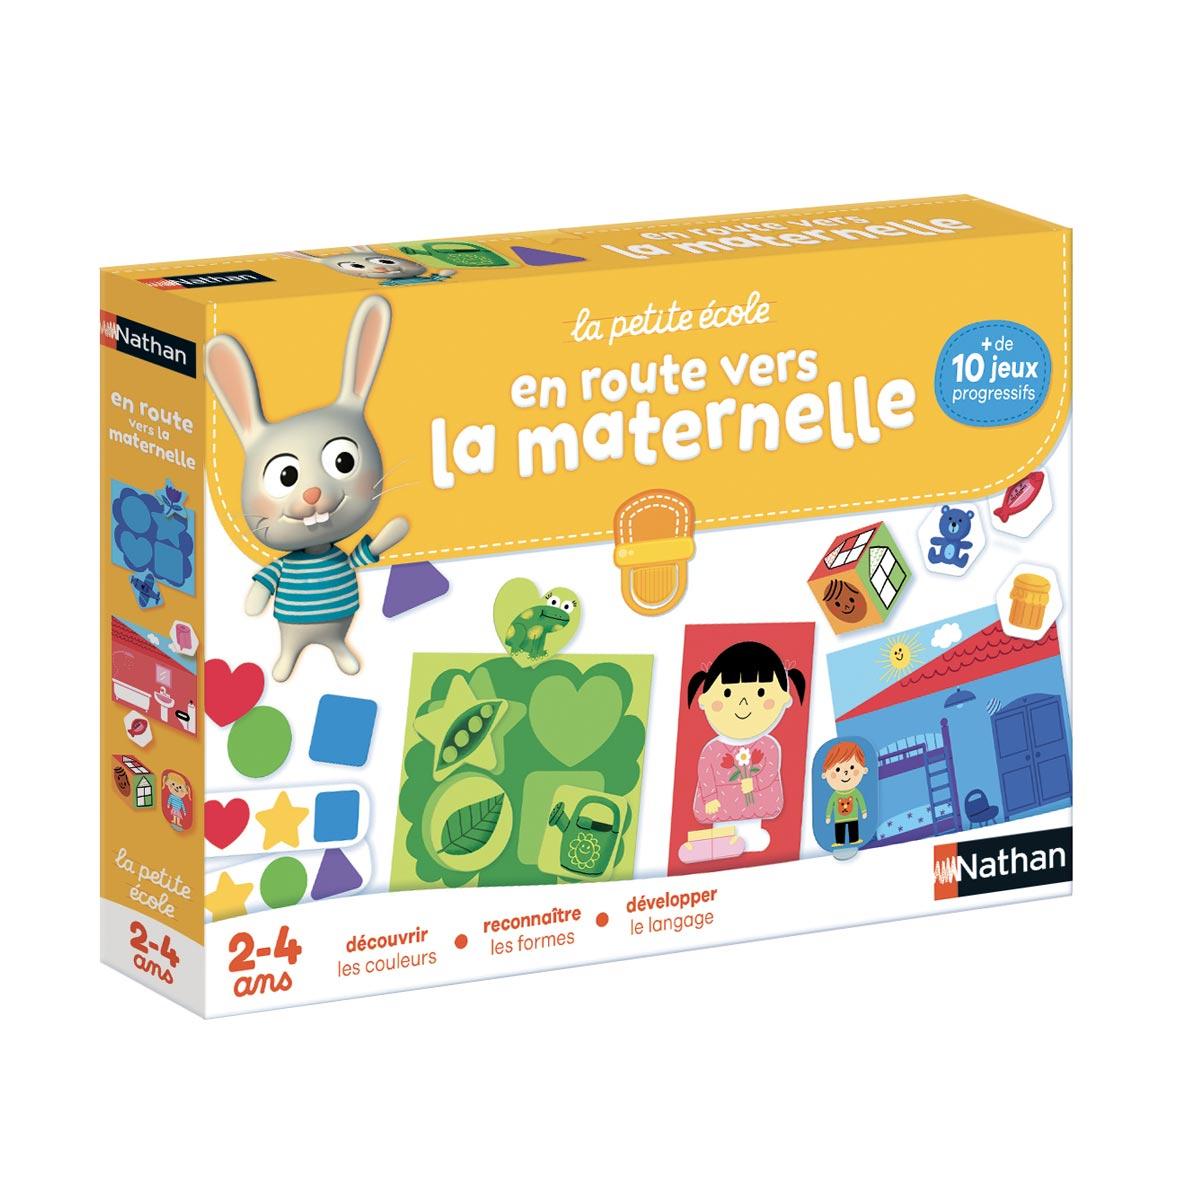 Coffret De Jeux En Route Vers La Maternelle avec Jeux Educatif Maternelle Moyenne Section